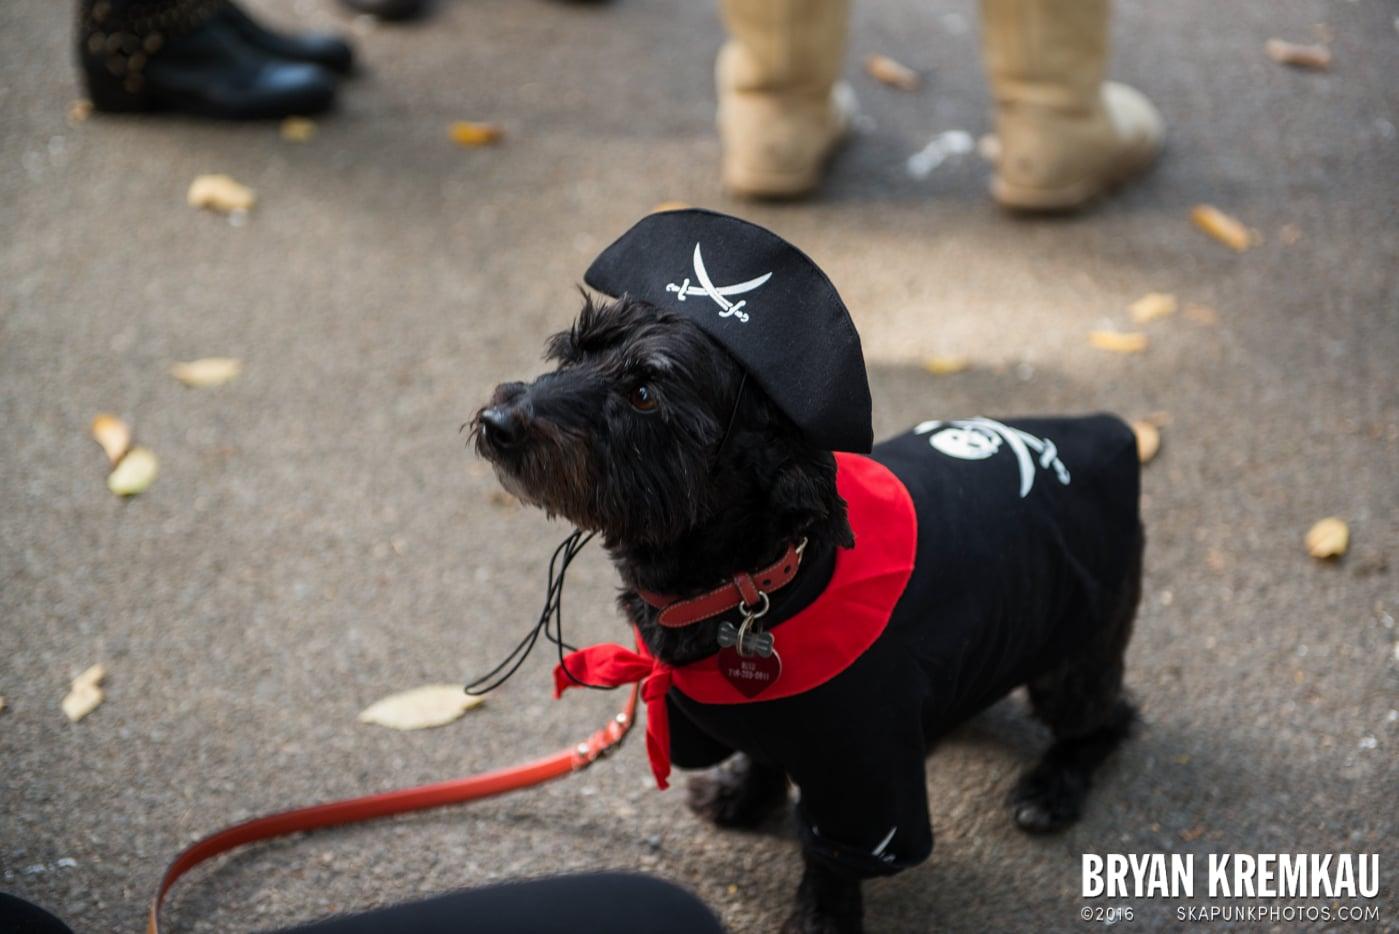 Tompkins Square Halloween Dog Parade 2013 @ Tompkins Square Park, NYC - 10.26.13 (2)